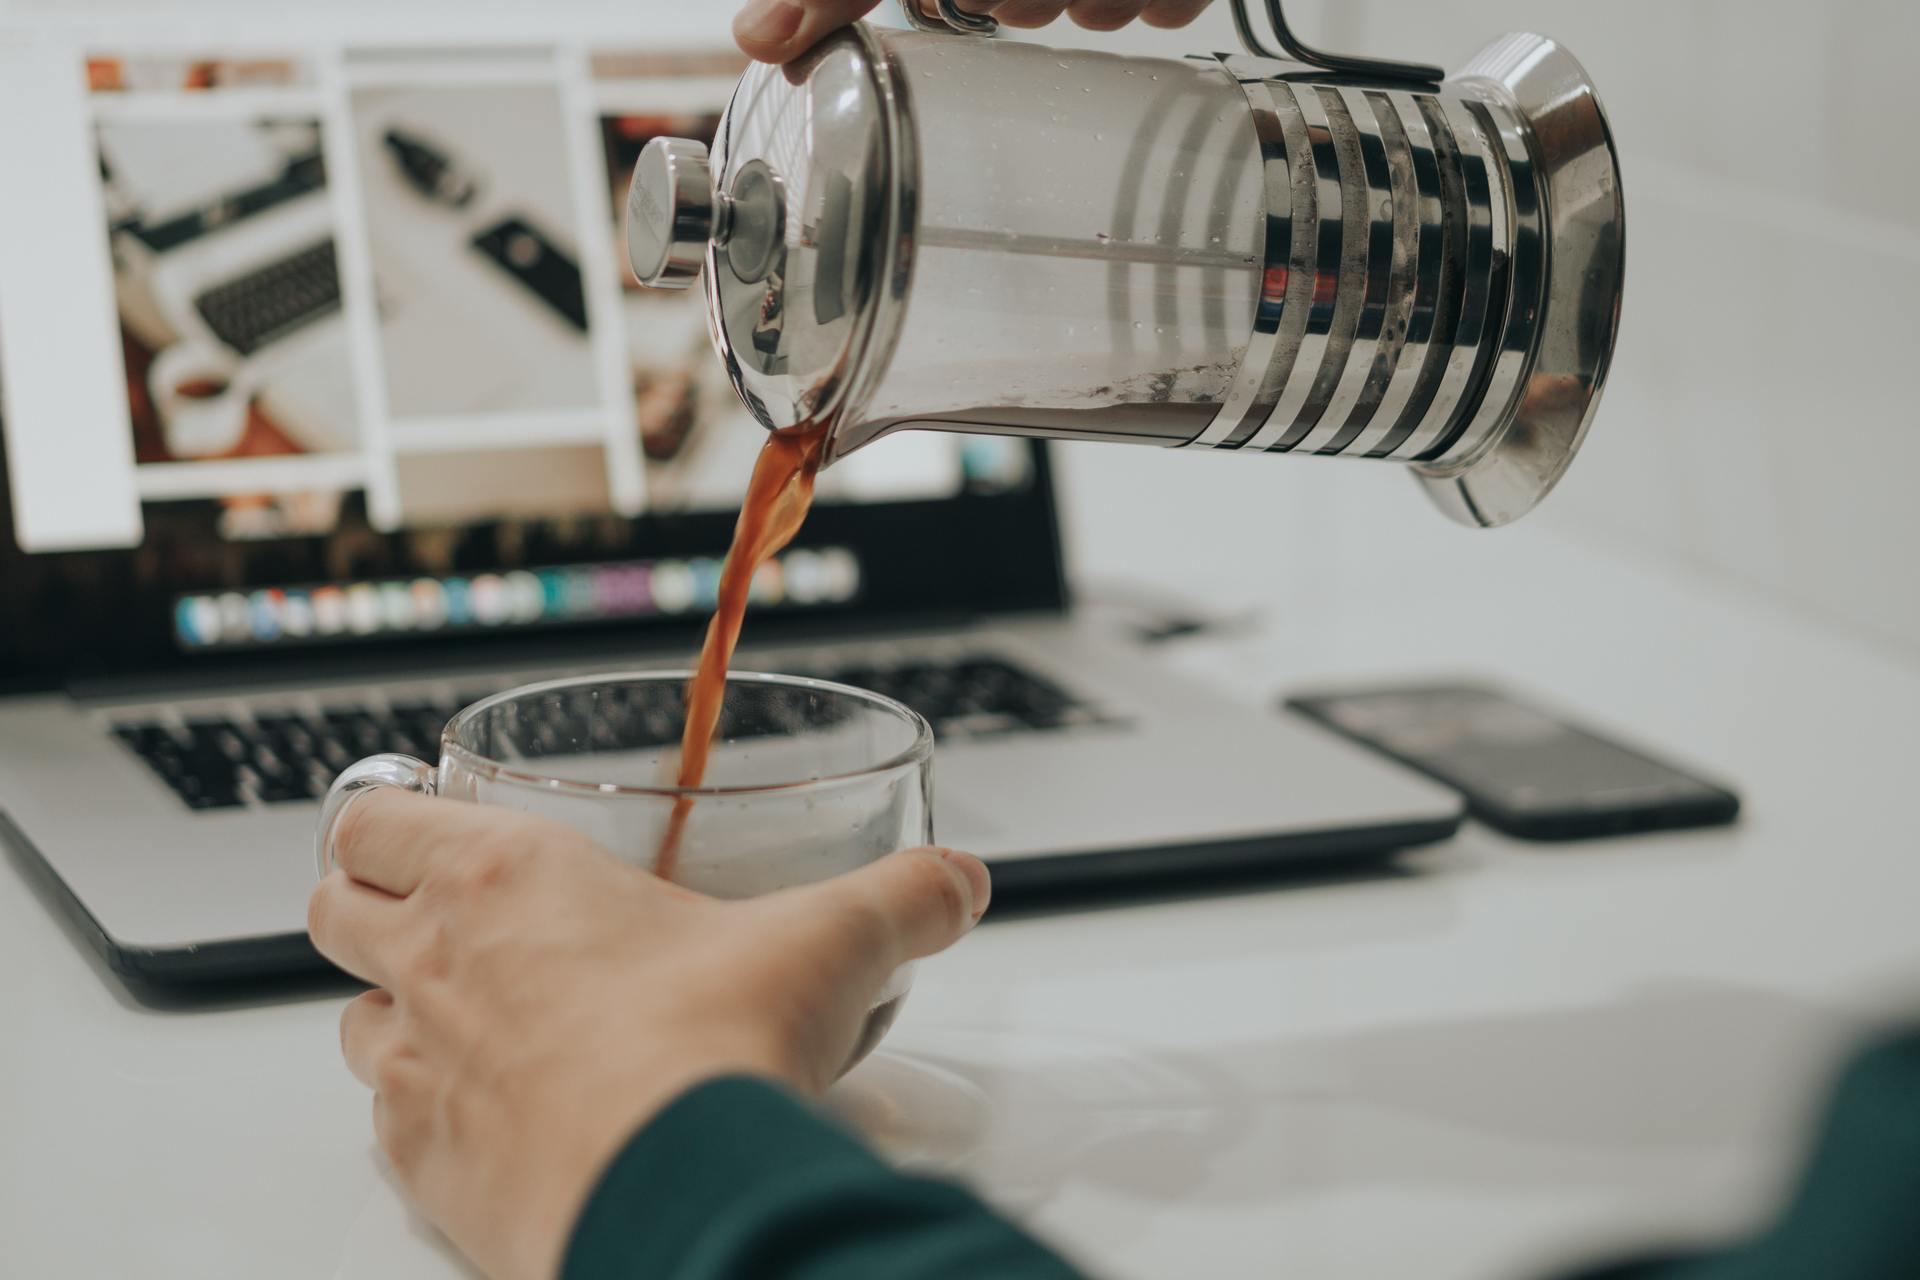 Простой и один из удобных способов для заваривания кофе дома